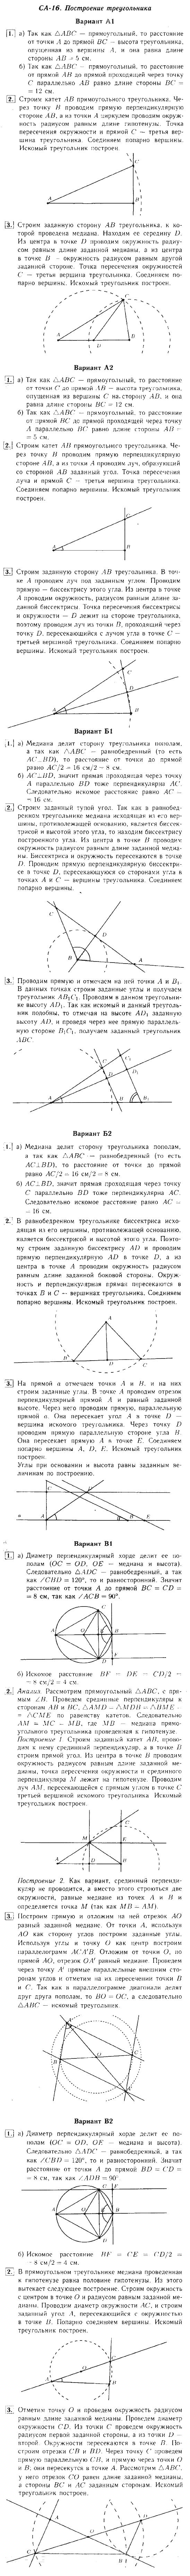 ГДЗ (решебник) по алгебре для 7 класса Ершова, Голобородька